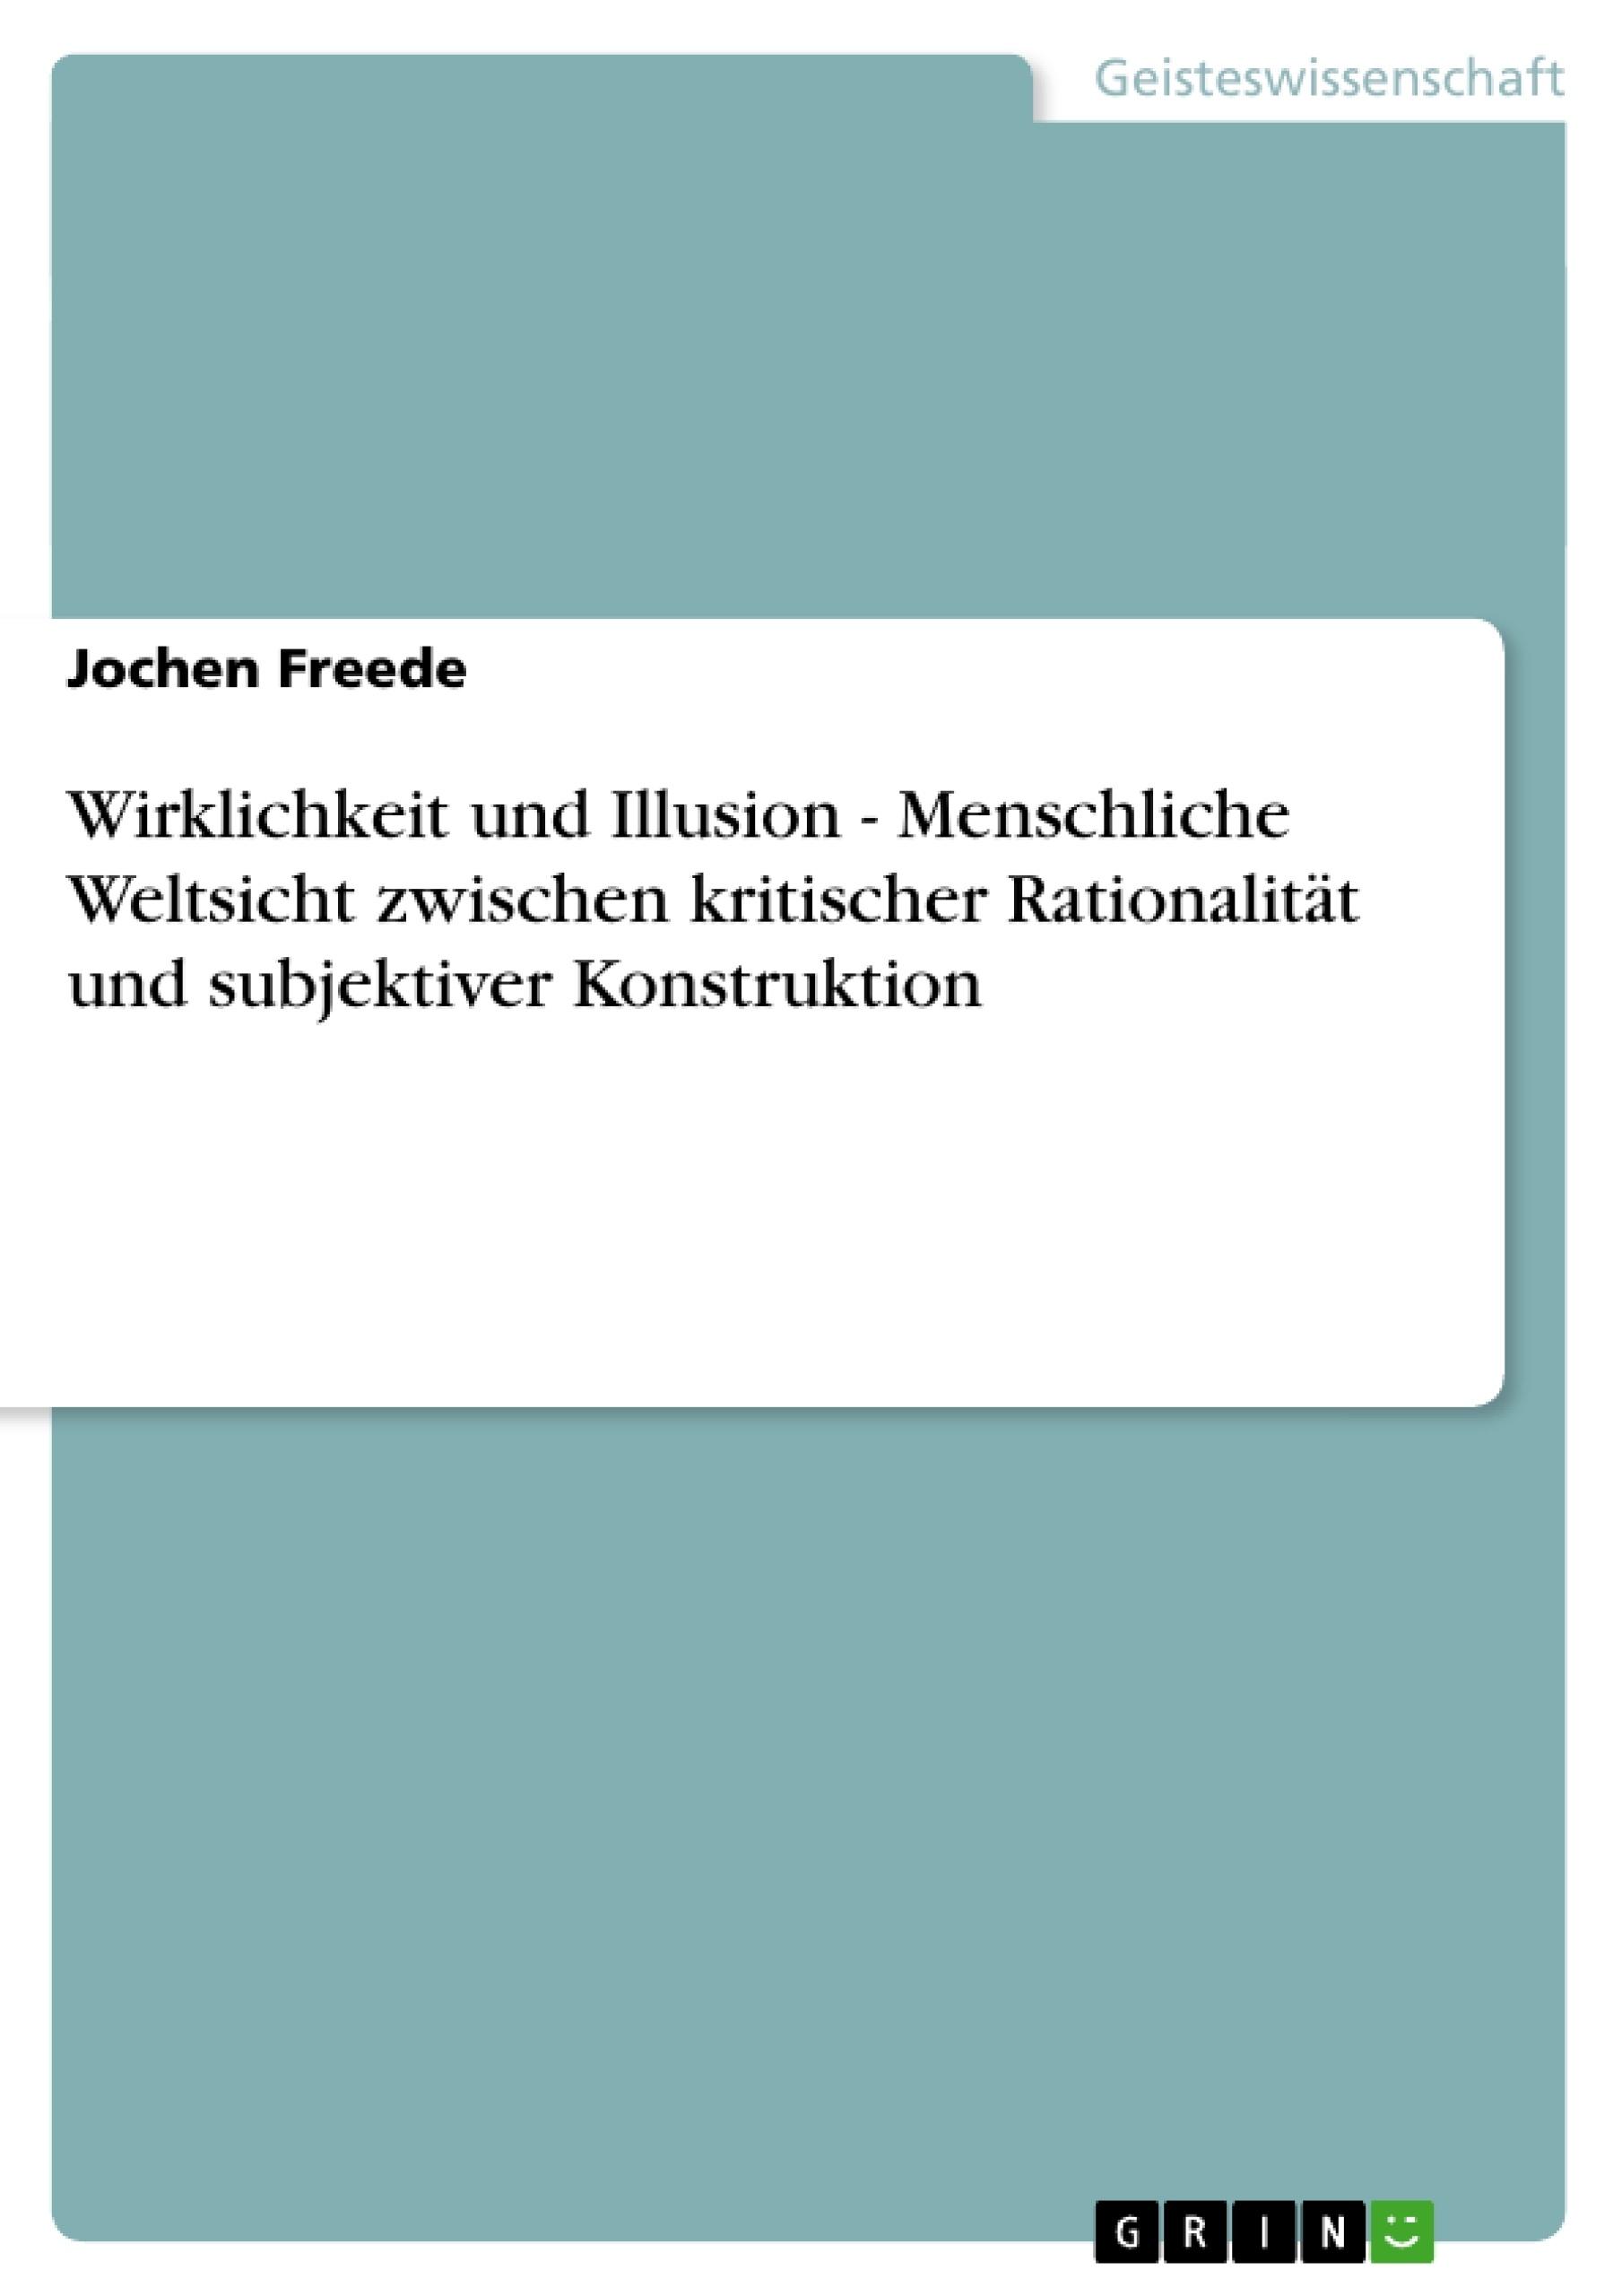 Titel: Wirklichkeit und Illusion - Menschliche Weltsicht zwischen kritischer Rationalität und subjektiver Konstruktion